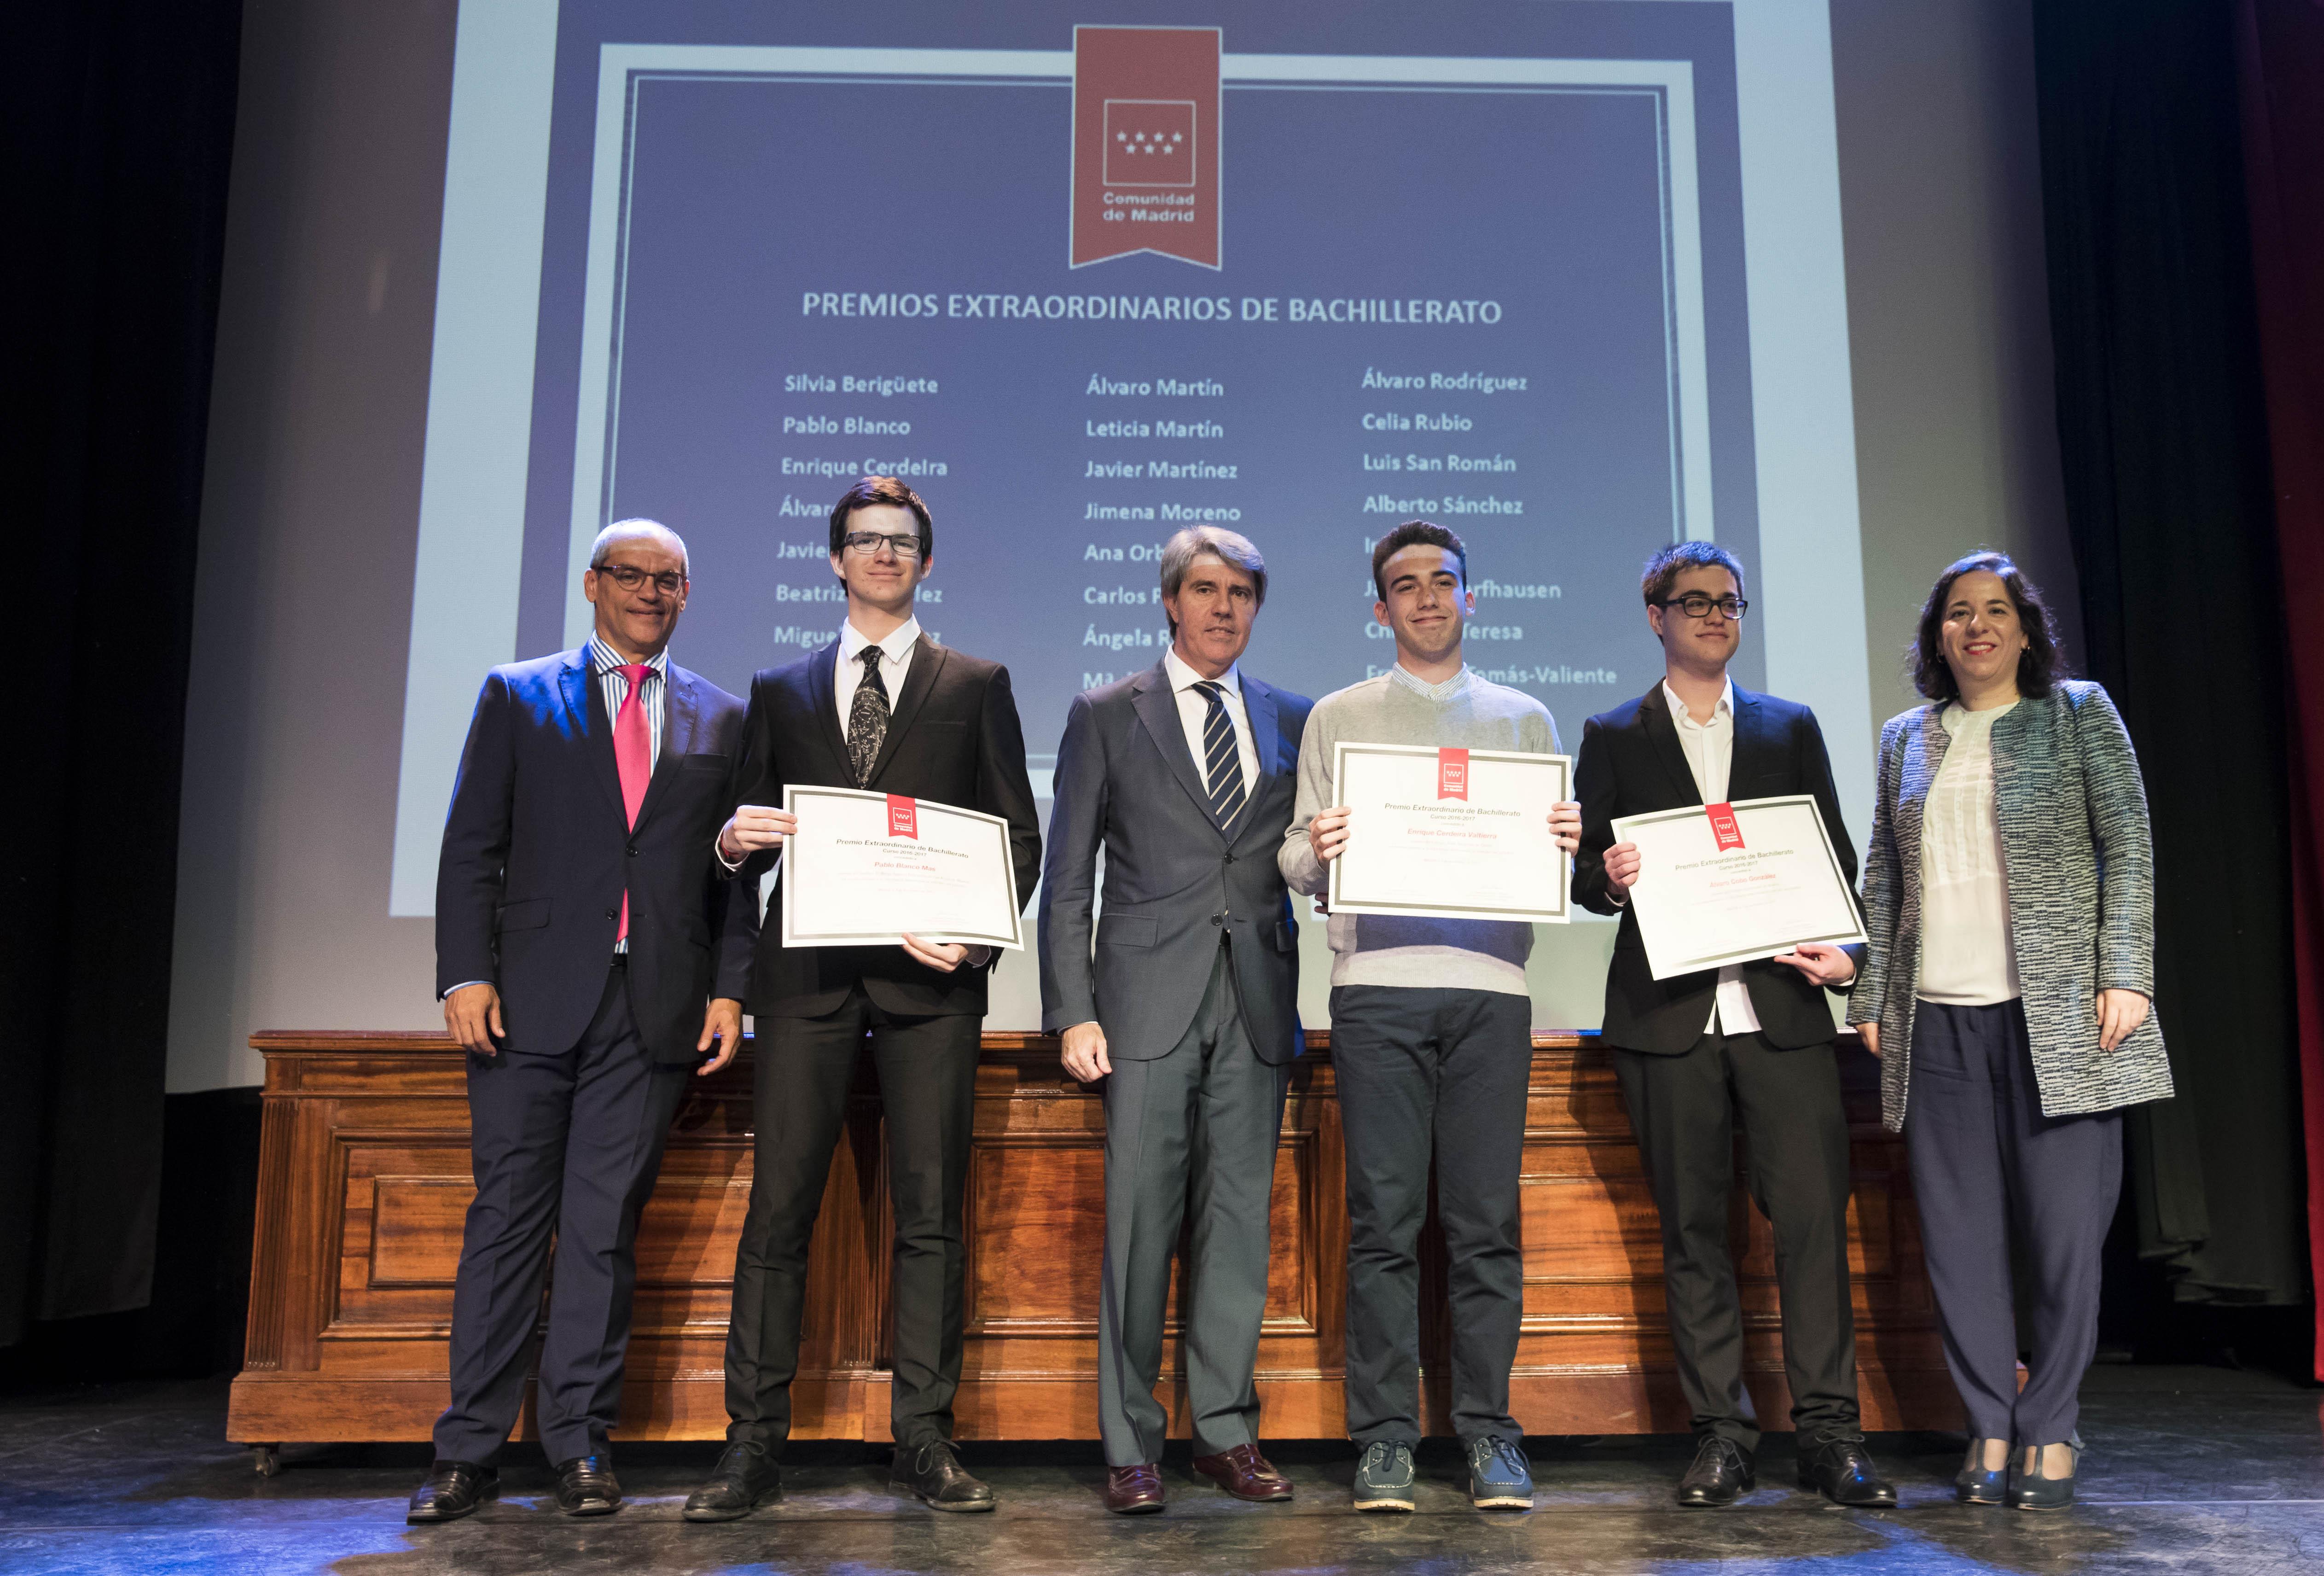 Entrega de los premios extraordinarios correspondientes al curso 2016/2017 5